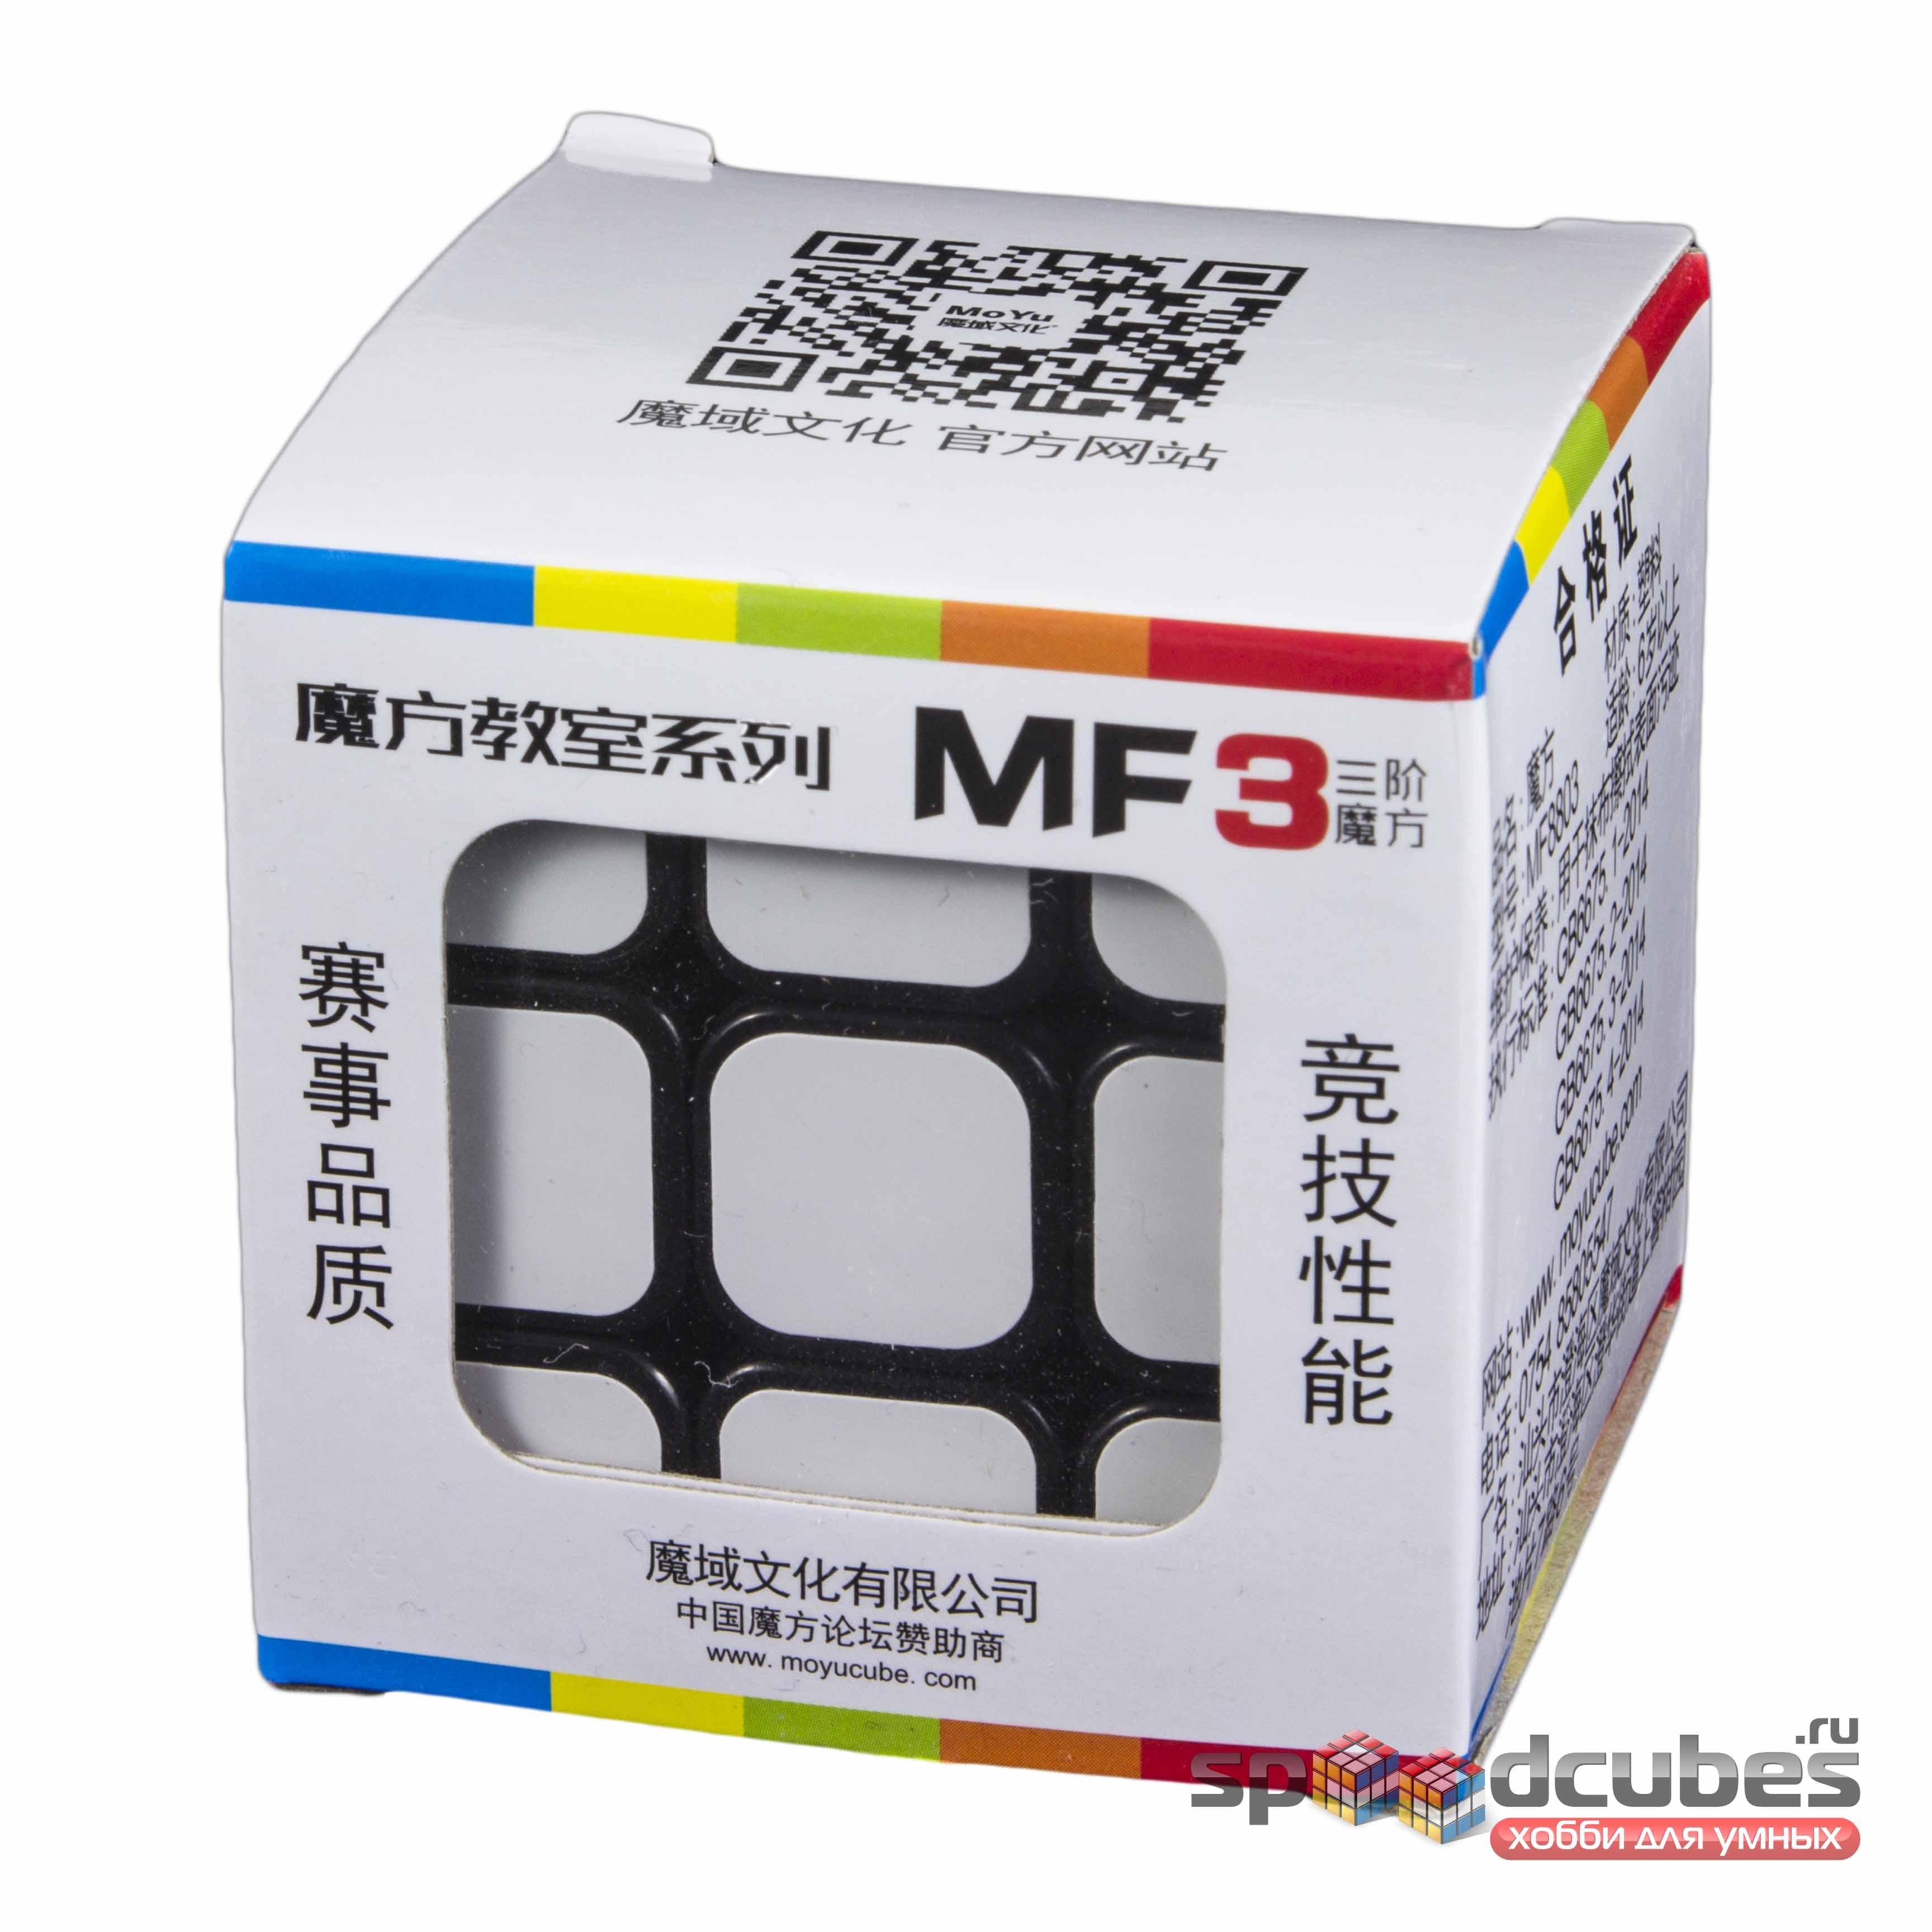 Moyu 3x3x3 Mofangjiashi Mf3 1